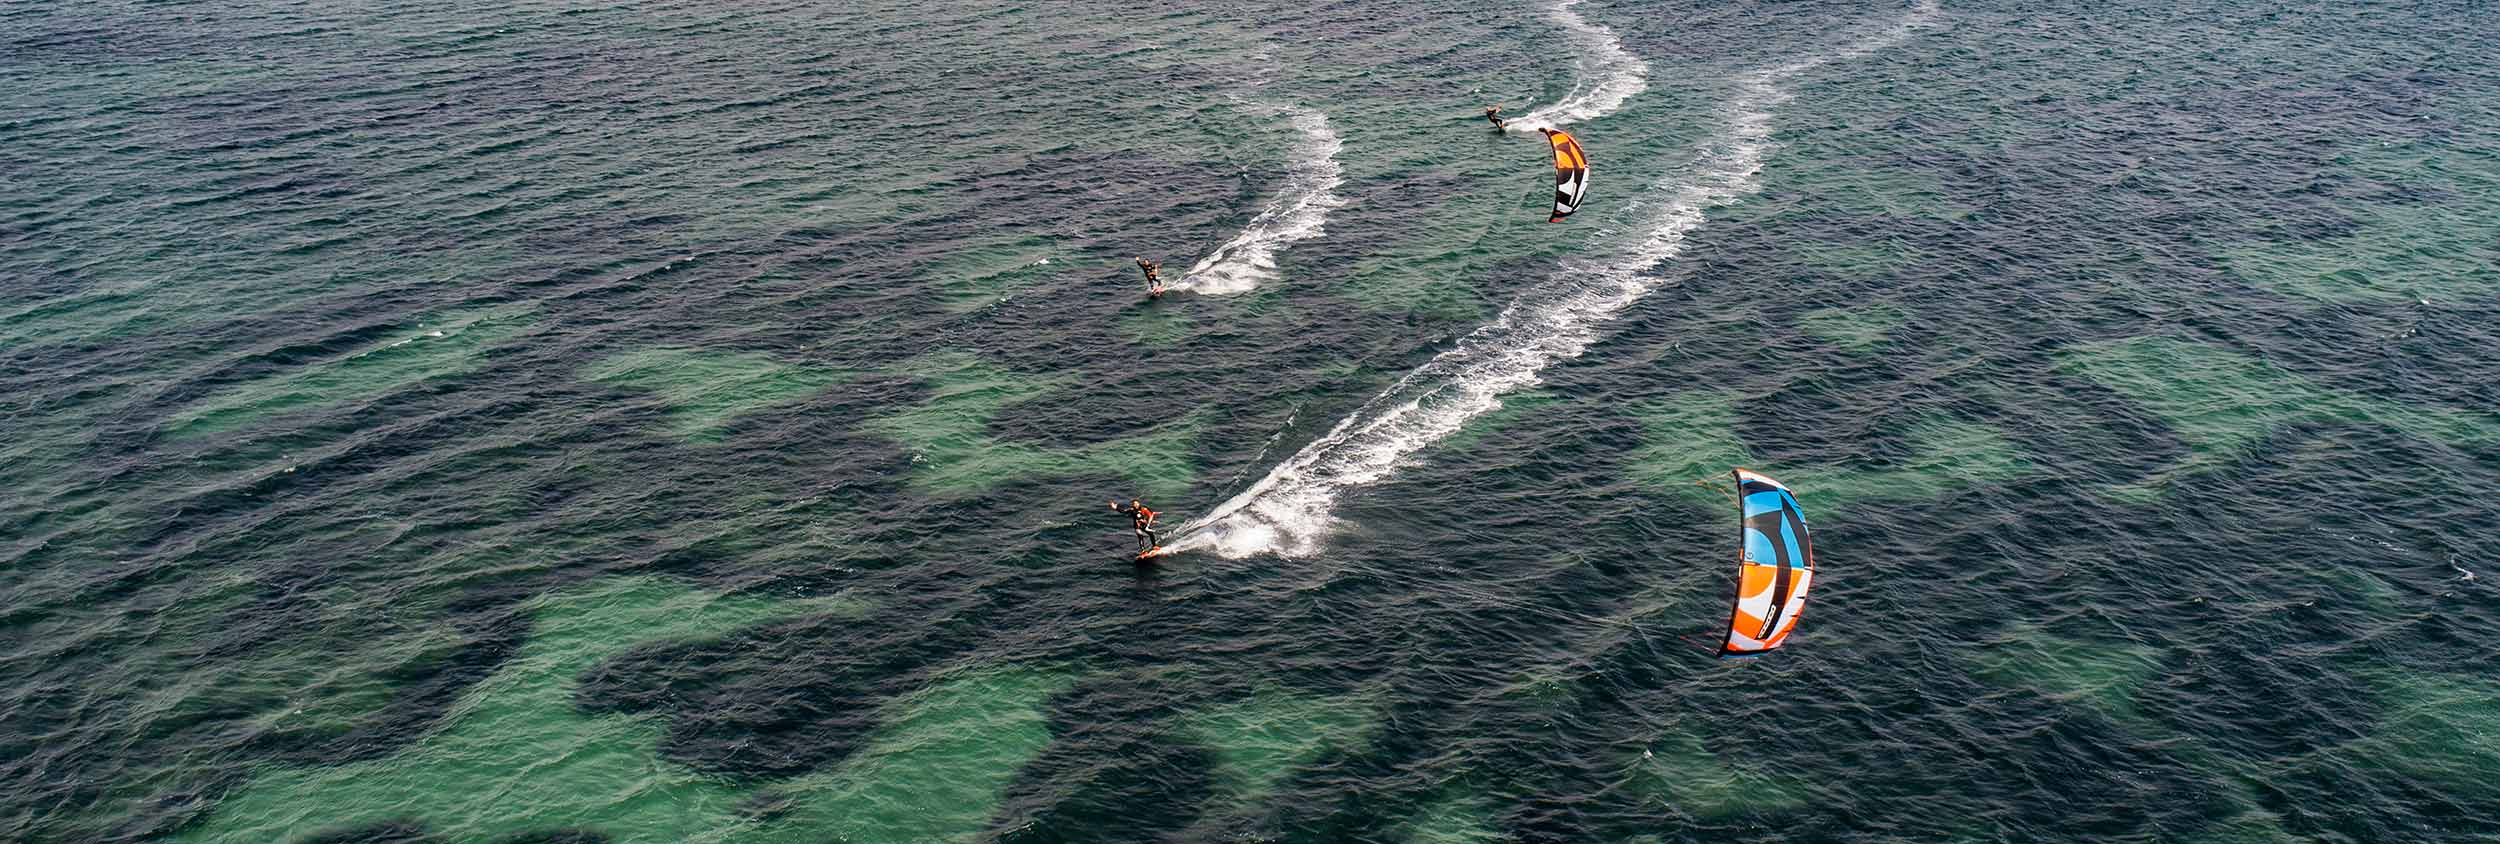 Kitesurfing, Sant Antioco, Sardinia